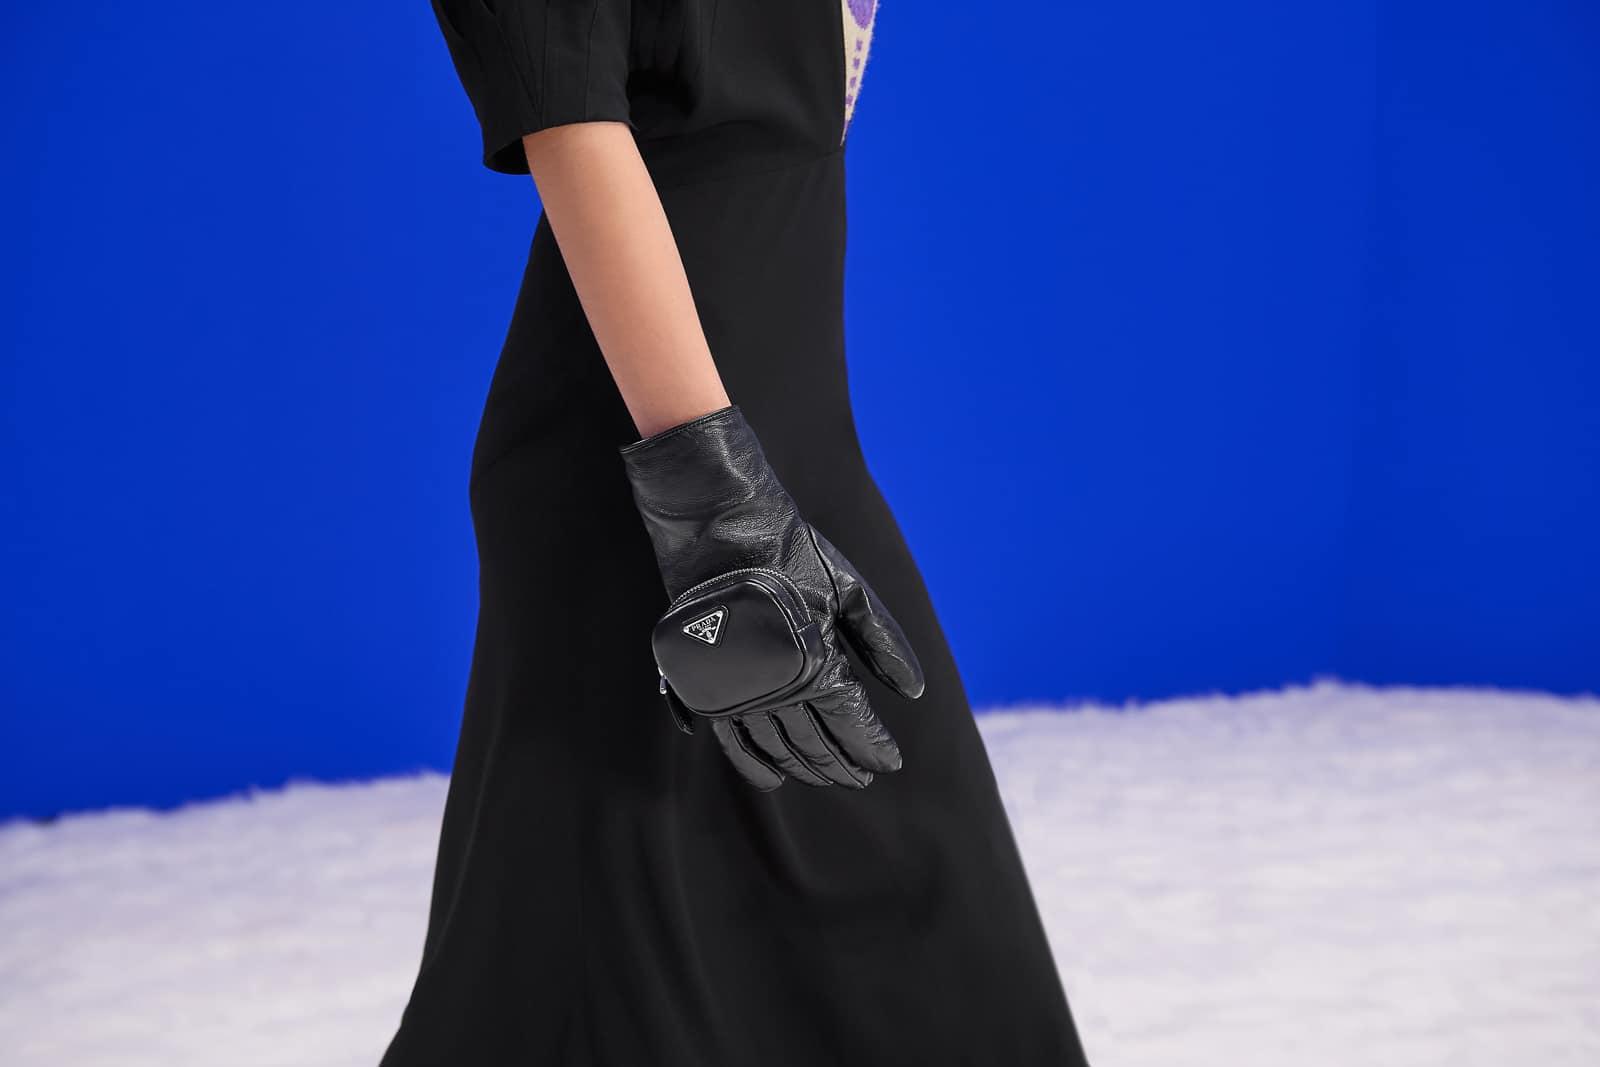 Túi xách, giày và trang sức Prada mùa Thu Đông 2021 có gì mới? 13